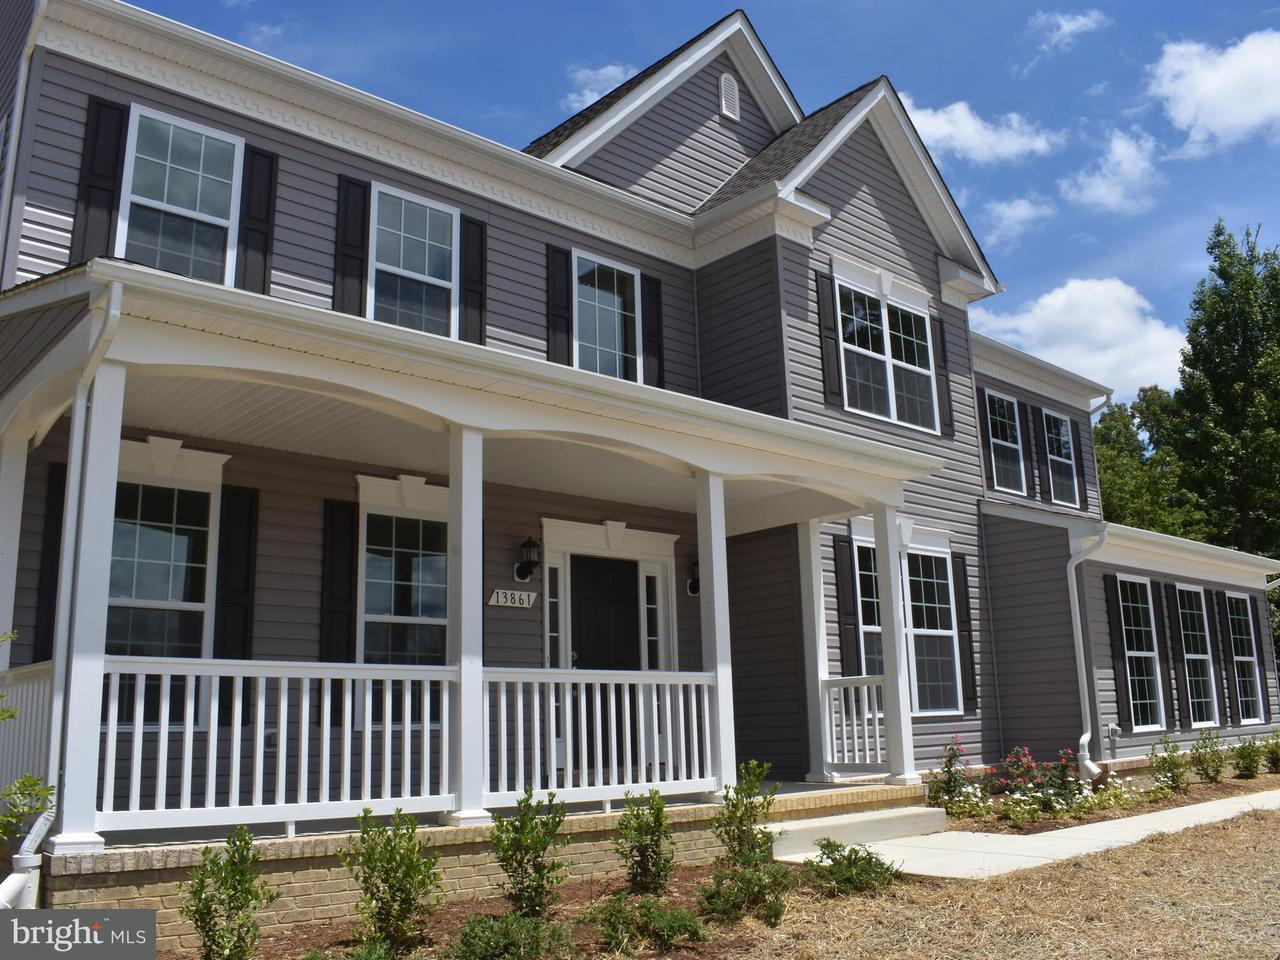 Частный односемейный дом для того Продажа на 13861 Bluestone Court 13861 Bluestone Court Hughesville, Мэриленд 20637 Соединенные Штаты